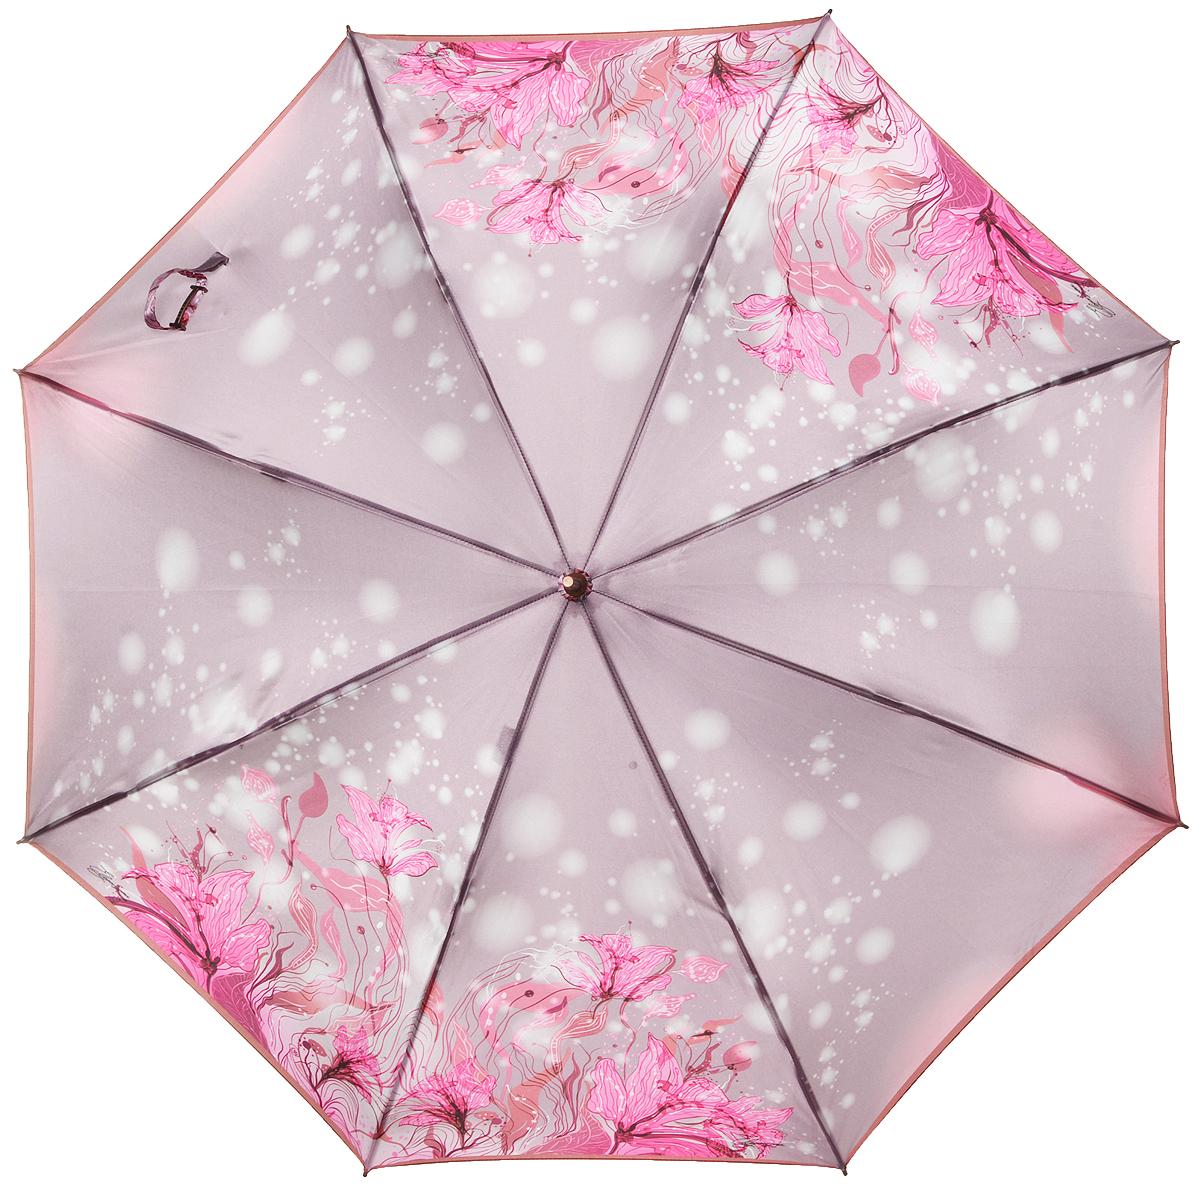 Зонт-трость женский Eleganzza, полуавтомат, 3 сложения, цвет: светло-сиреневый, розовый. T-06-0266T-06-0266Элегантный женский зонт-трость Eleganzza не оставит вас незамеченной. Изделие оформлено оригинальным принтом в виде цветов. Зонт состоит из восьми спиц и стержня, изготовленных из стали и фибергласса. Купол выполнен из качественного полиэстера и сатина, которые не пропускают воду. Зонт дополнен удобной ручкой из акрила, которая имеет форму крючка. Также зонт имеет заостренный наконечник, который устраняет попадание воды на стержень и уберегает зонт от повреждений. Изделие имеет полуавтоматический механизм сложения: купол открывается нажатием кнопки на ручке, а складывается вручную до характерного щелчка. Оригинальный и практичный аксессуар даже в ненастную погоду позволит вам оставаться женственной и привлекательной.